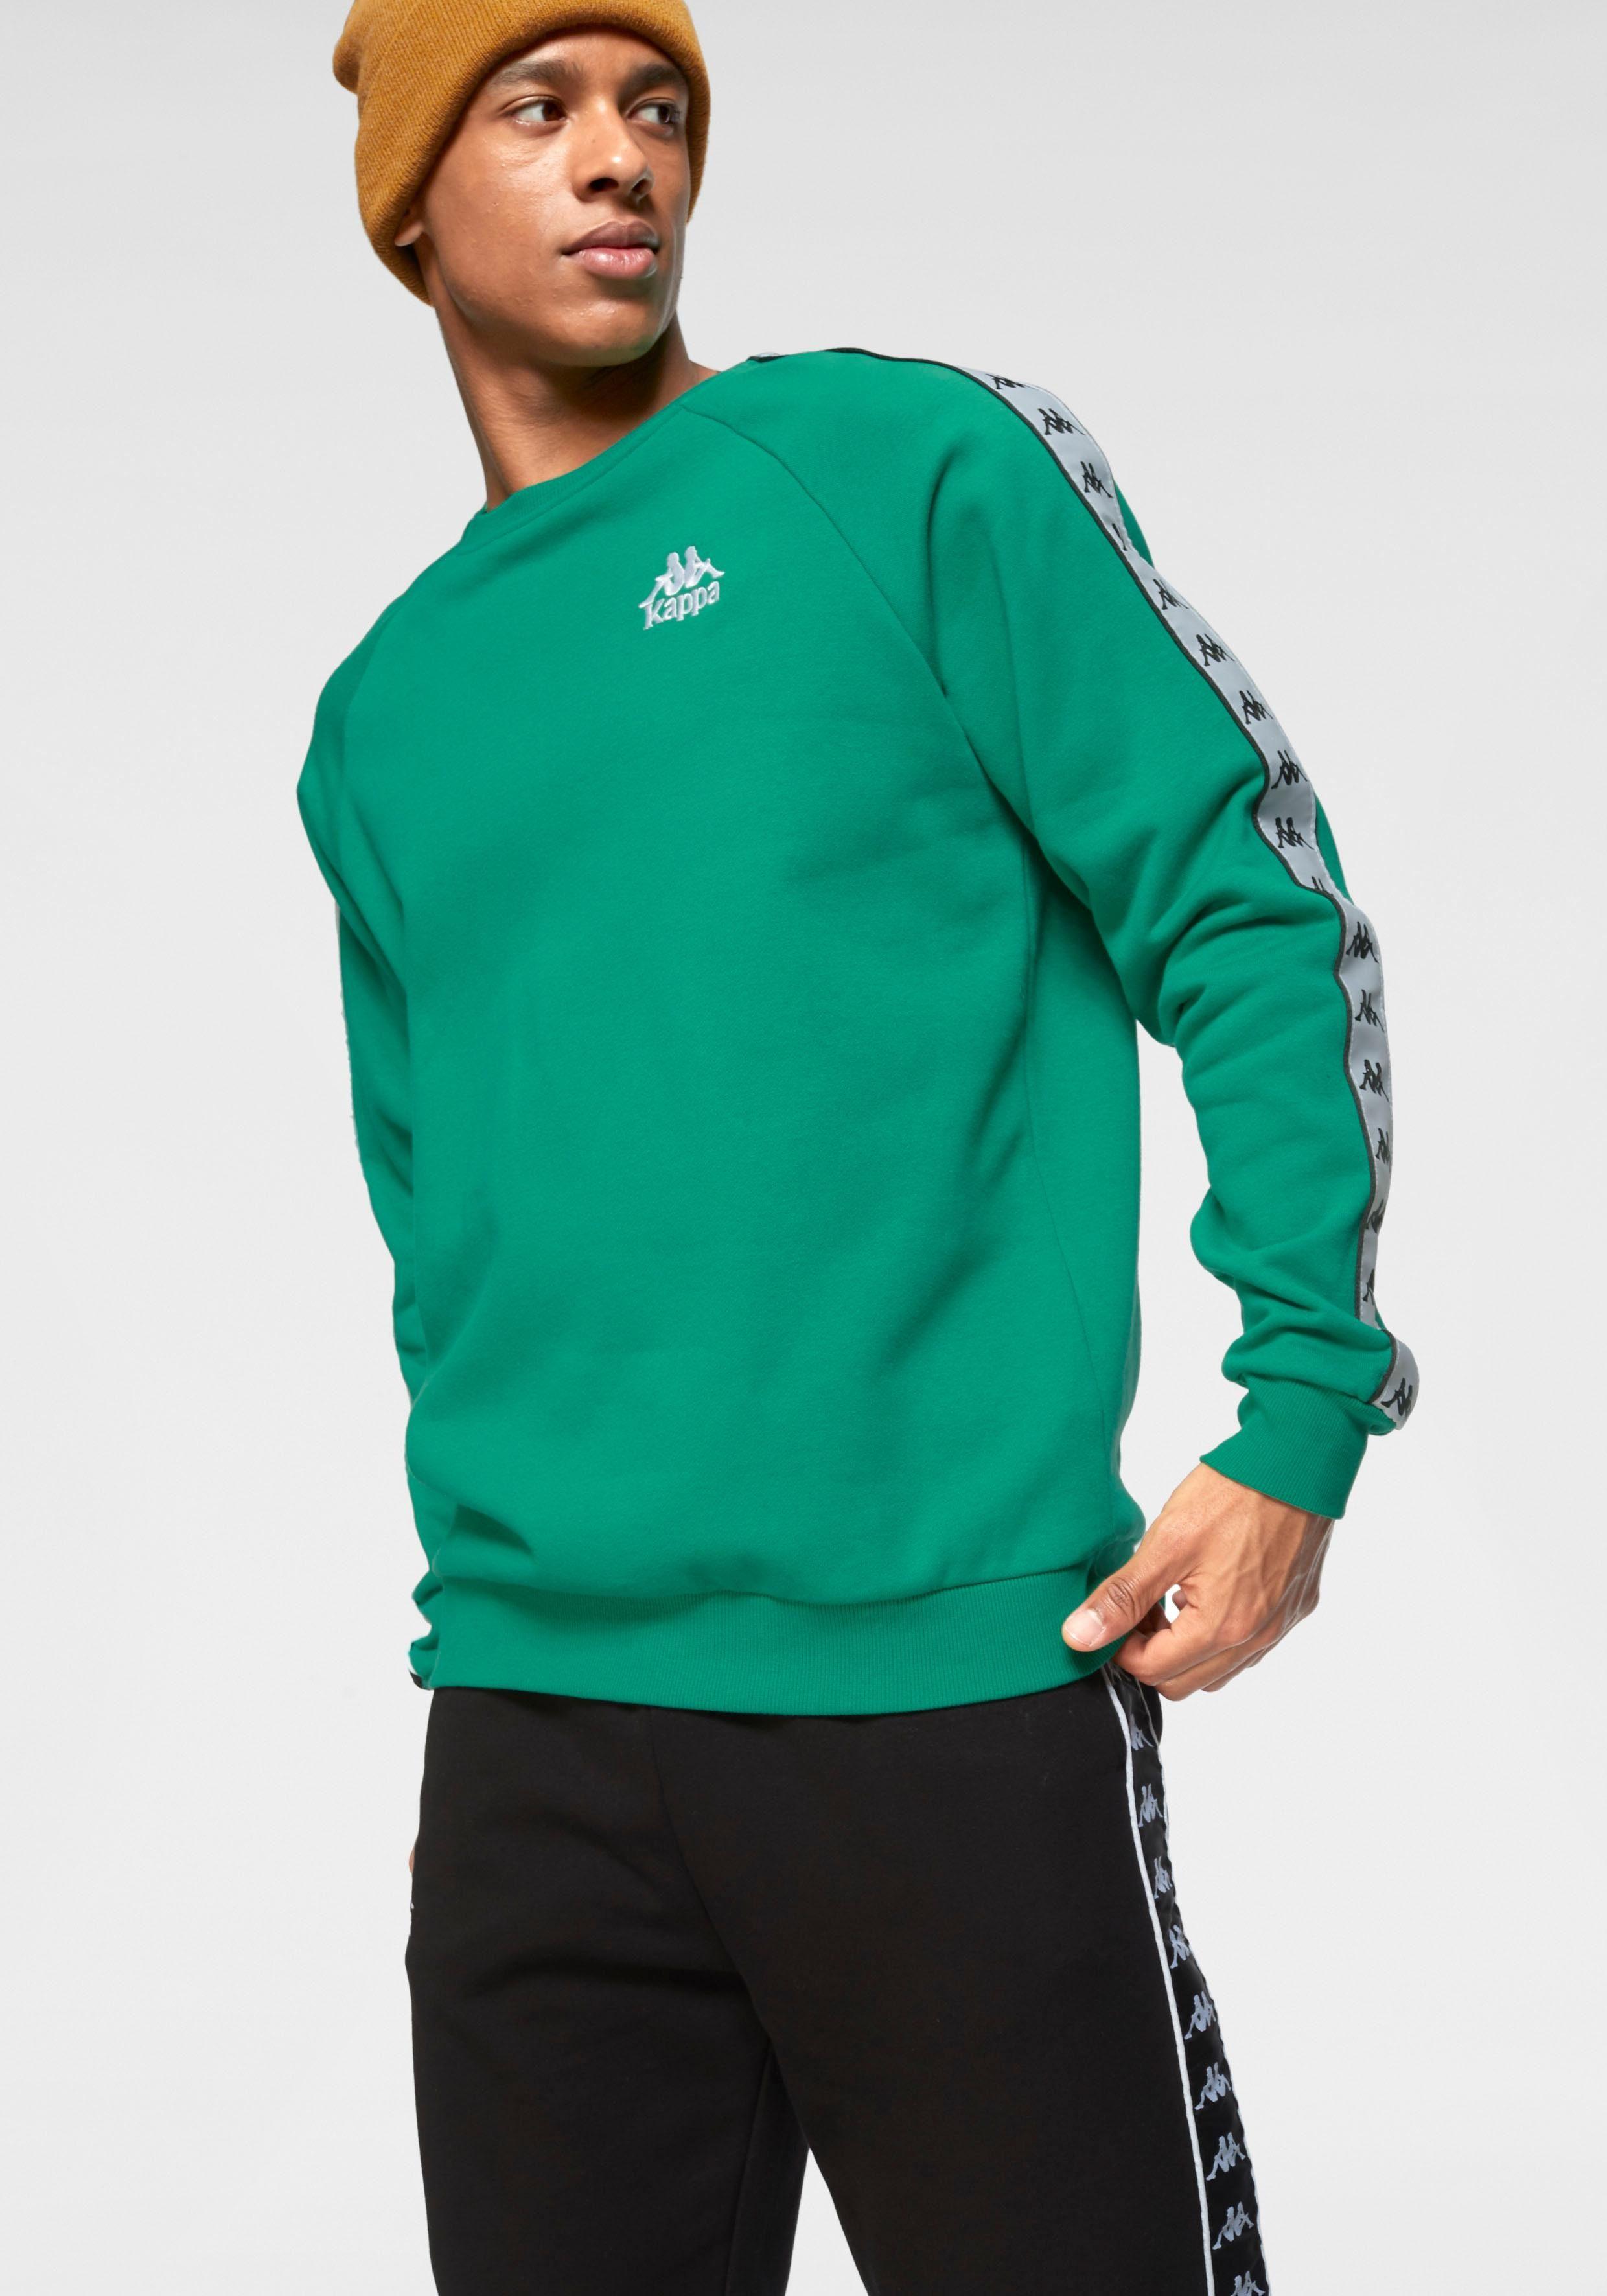 kappa sweatshirt green